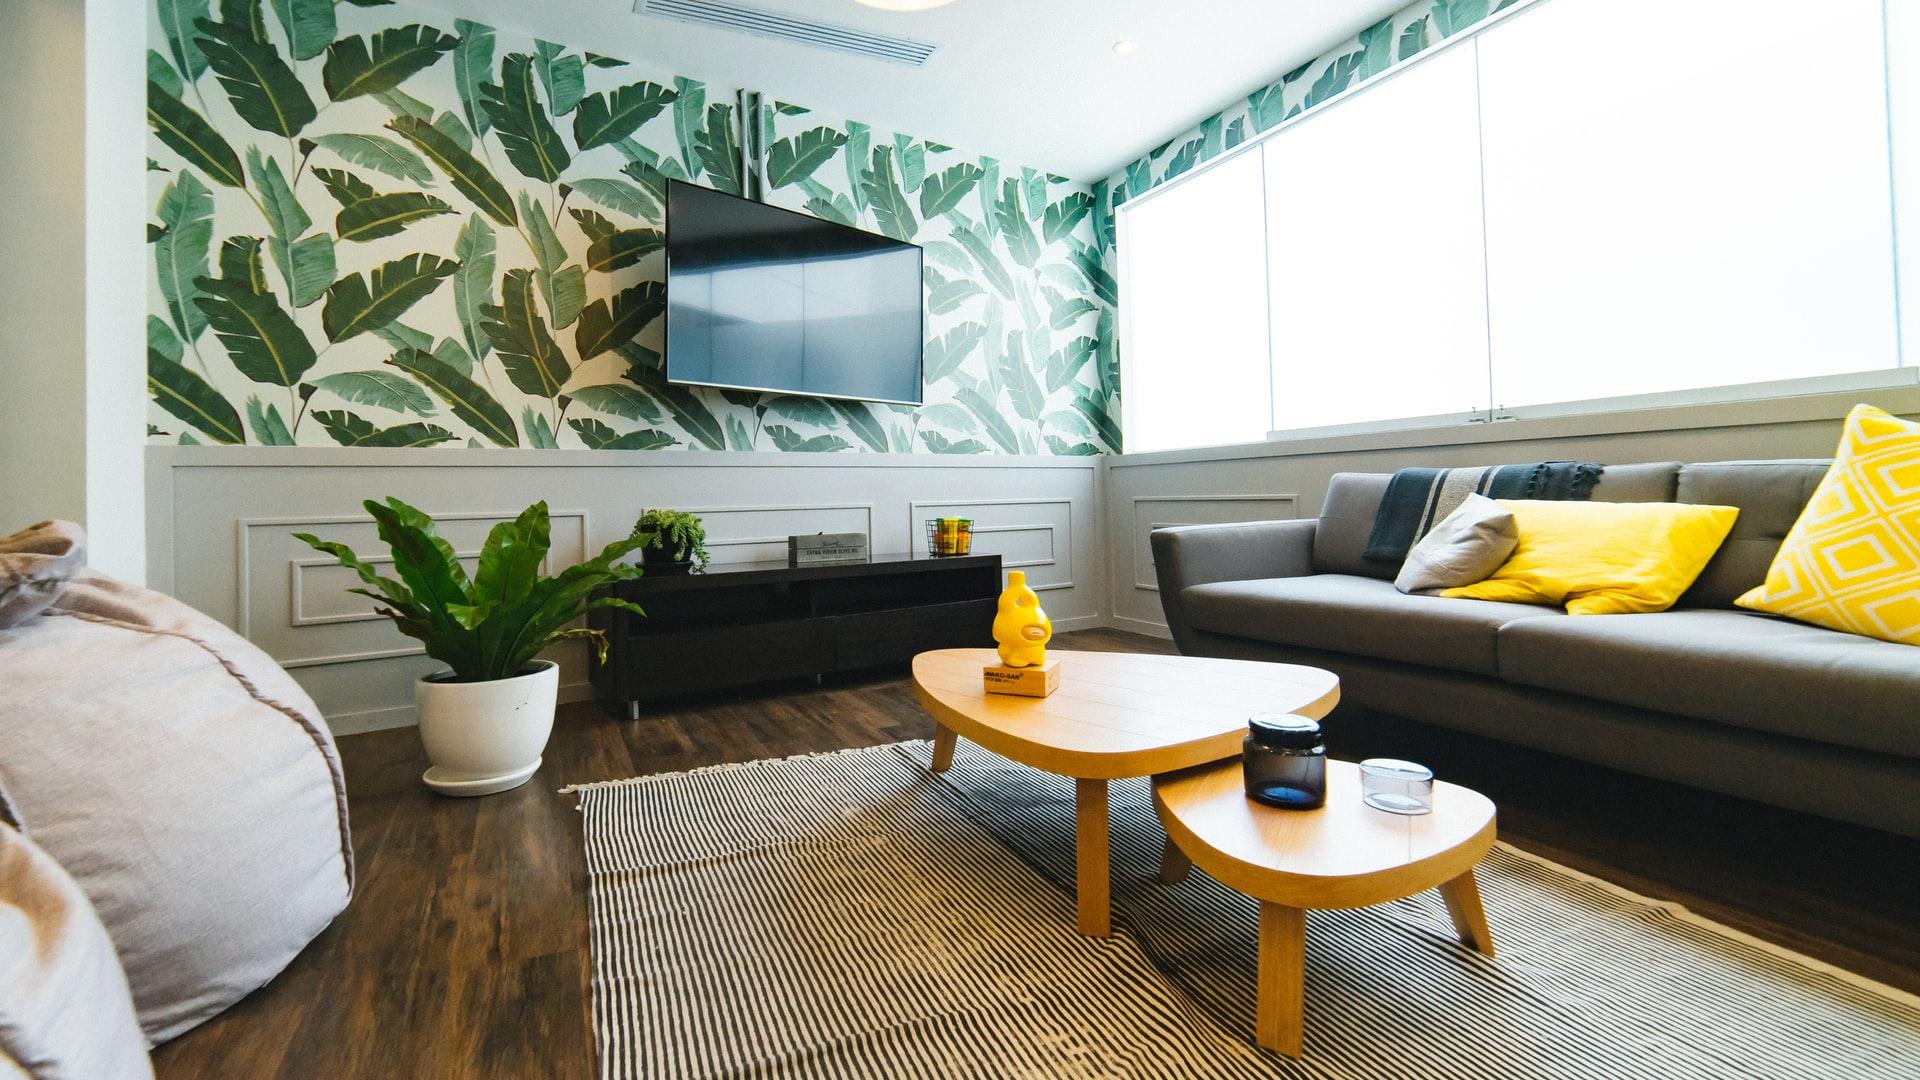 土屋ホームで家を建てた人の本音の評判・口コミを暴露!坪単価や特徴・注意点まで分かる完全ガイド